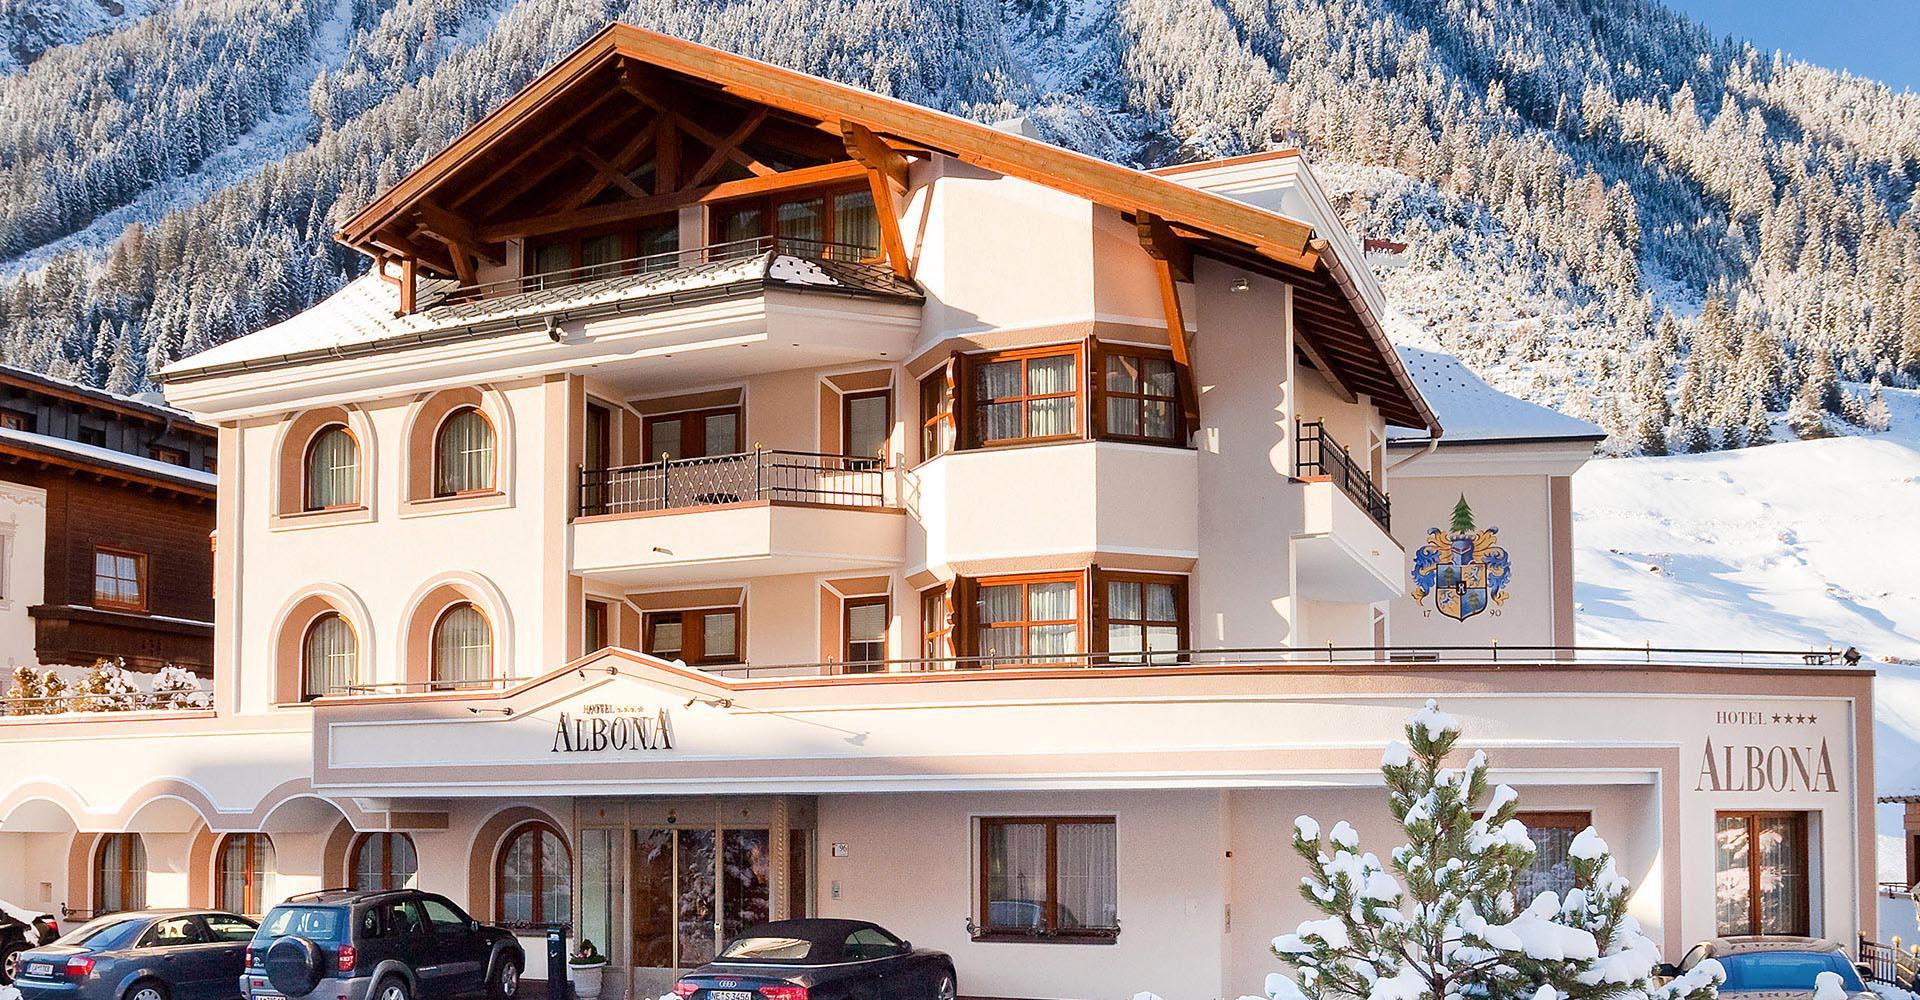 4 Sterne Hotel Albona Ischgl - Ansicht